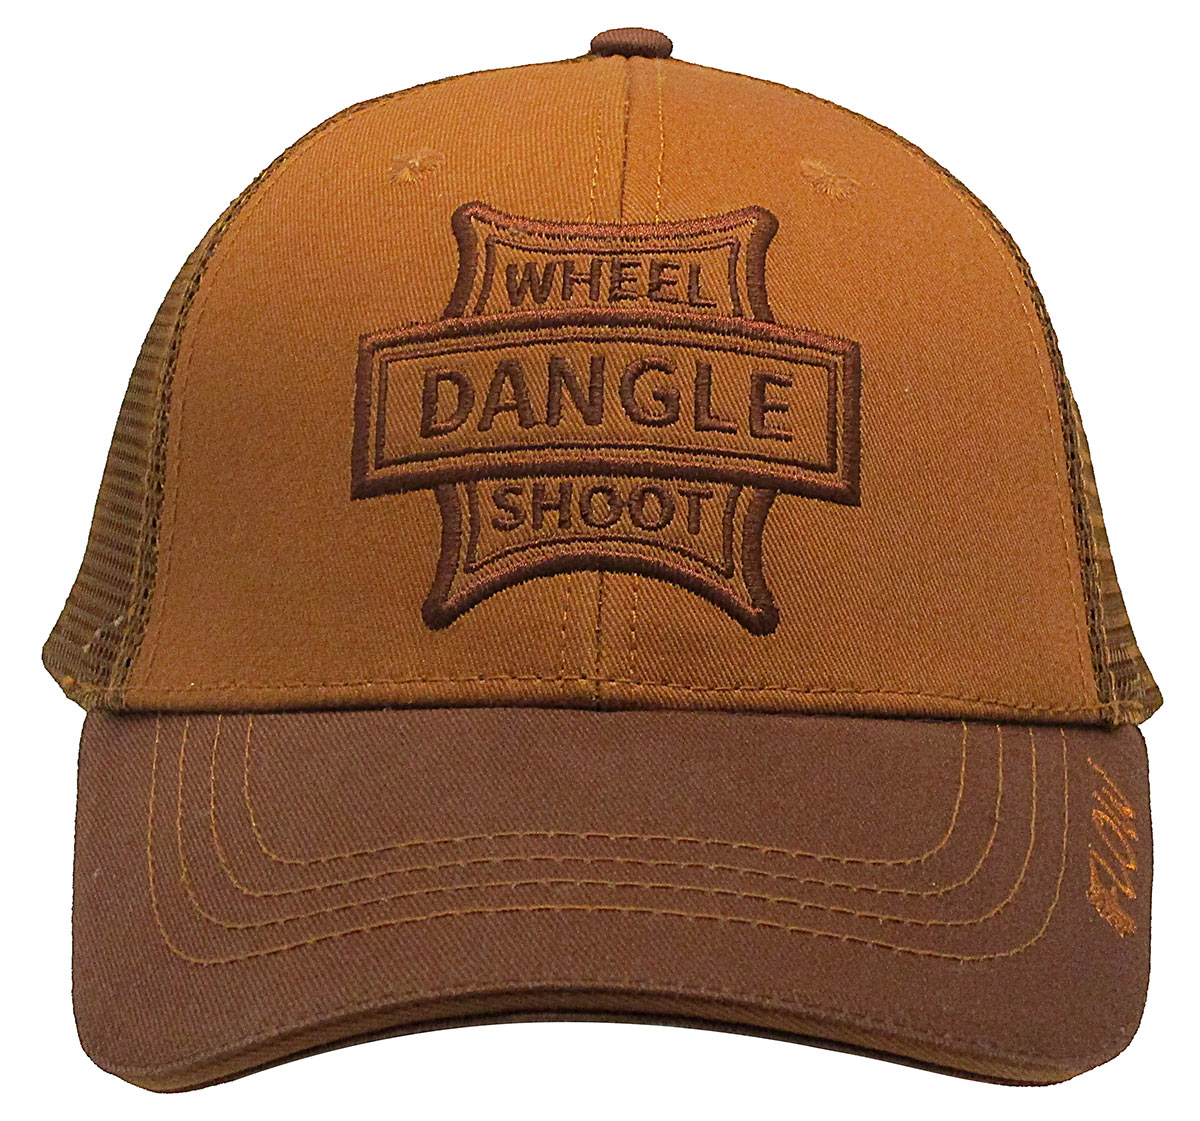 Wheel, Dangle, Shoot